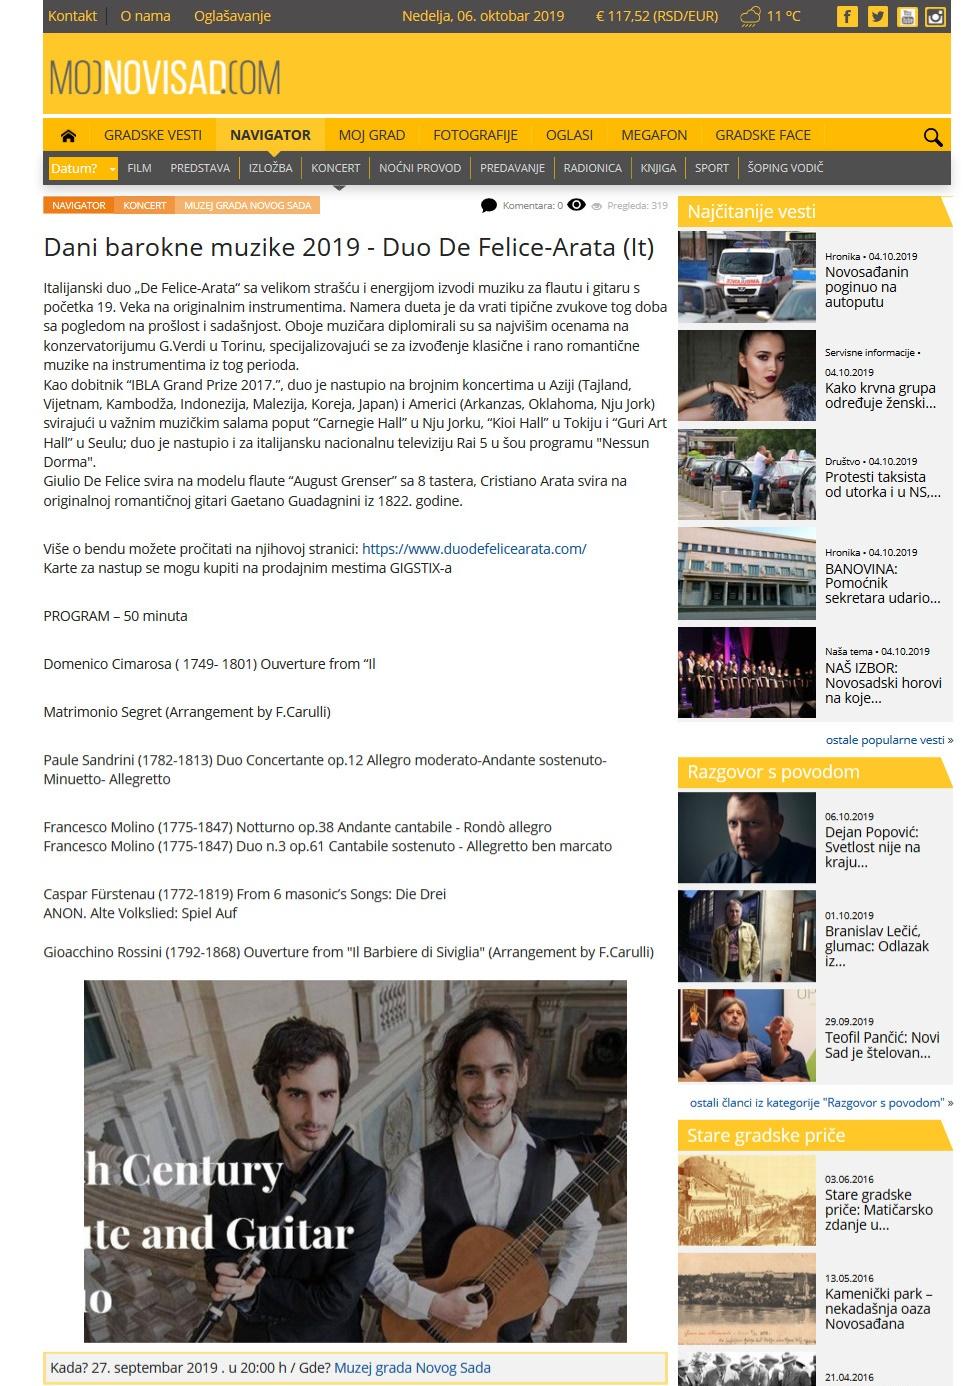 2709 - mojnovisad.com - Dani barokne muzike 2019.jpeg